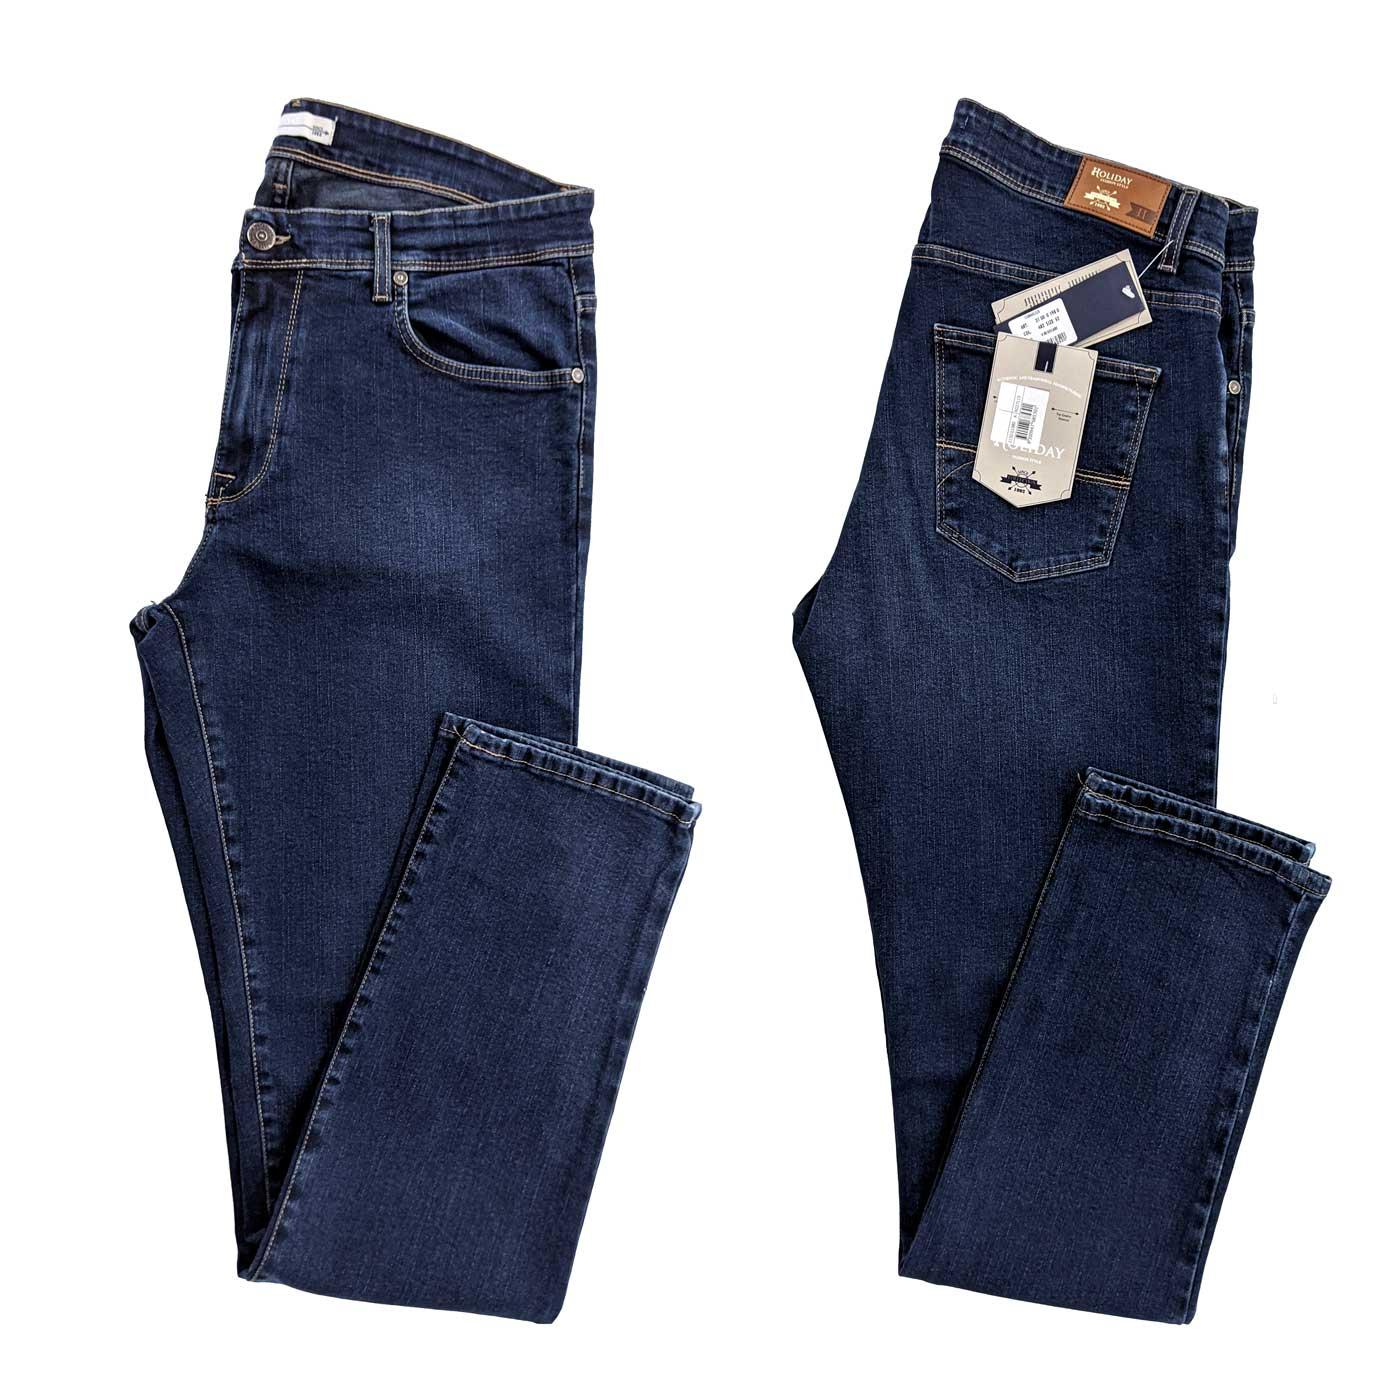 Pantaloni Jeans Tasche Elasticizzati Taglie Confort Anche Taglie Grandi